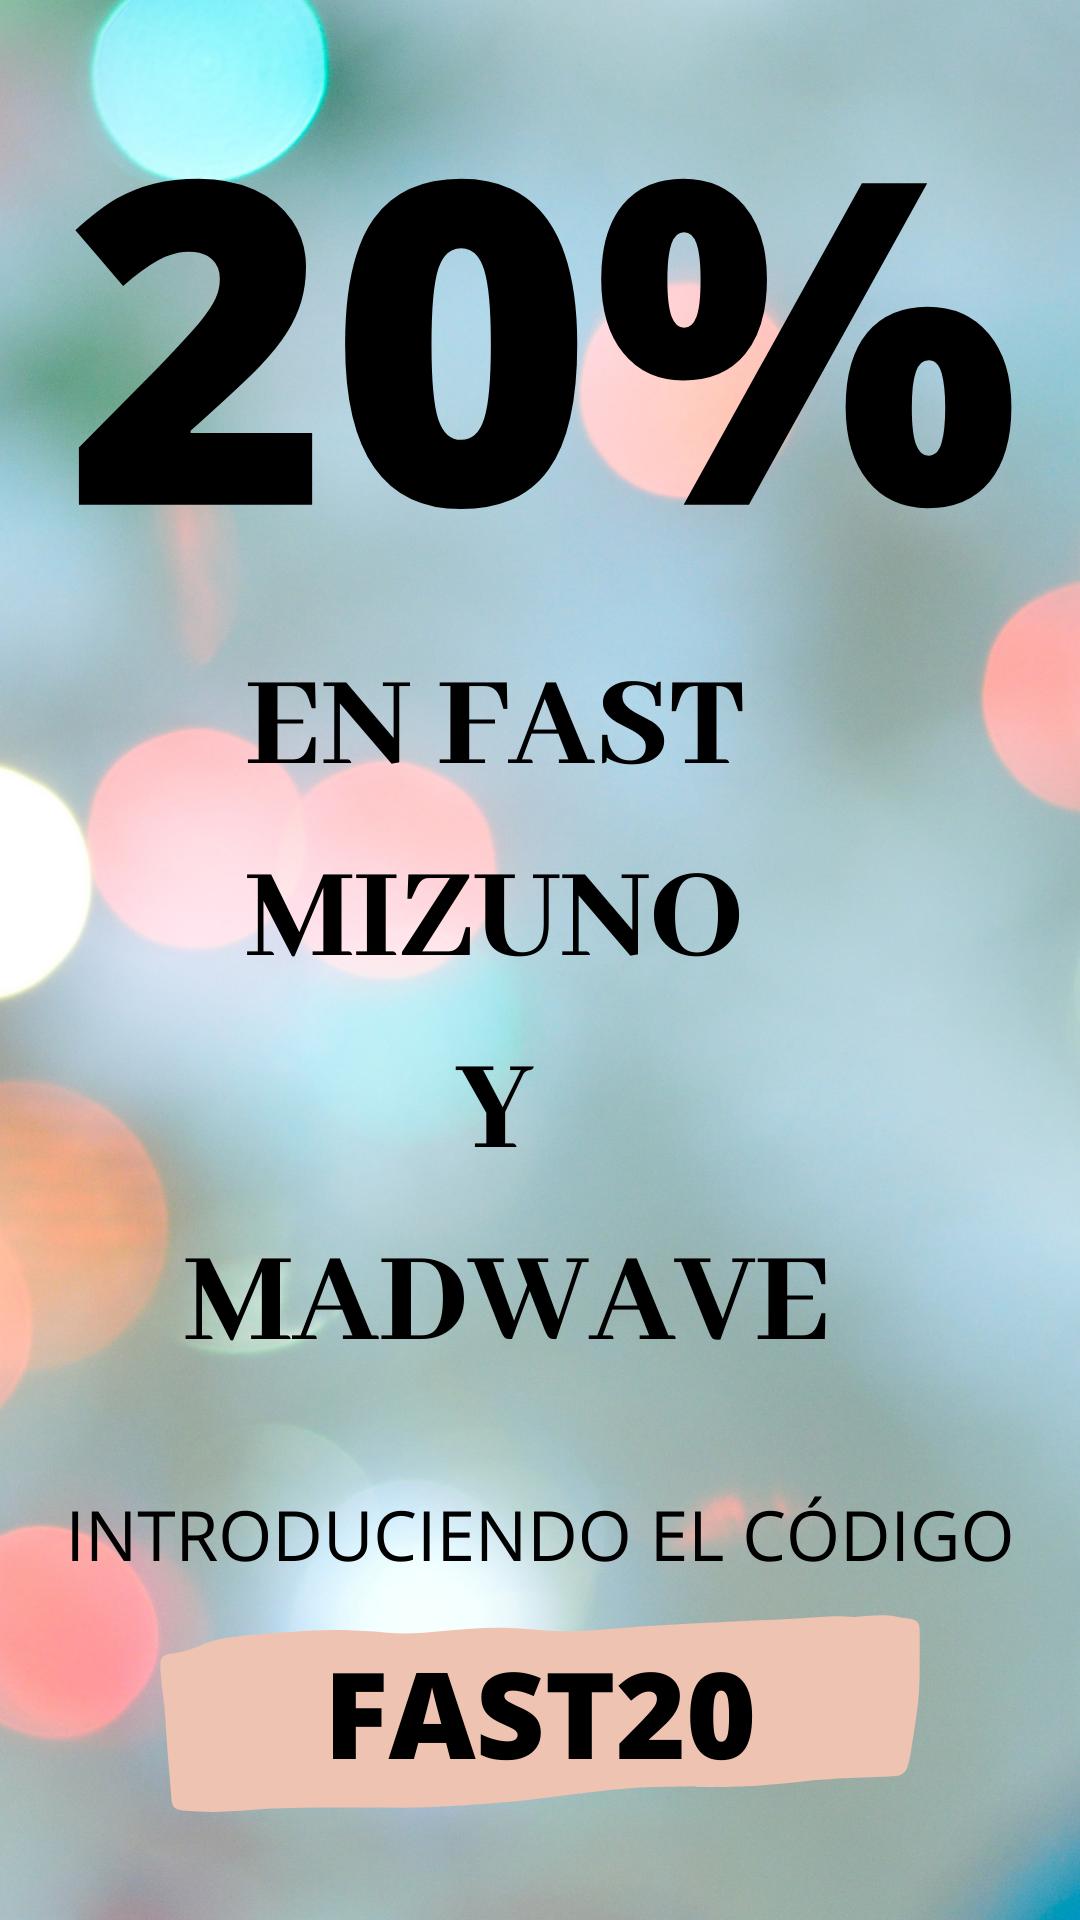 Dorado%20Ilustraci%C3%B3n%20Rebajas%20Historia.gif